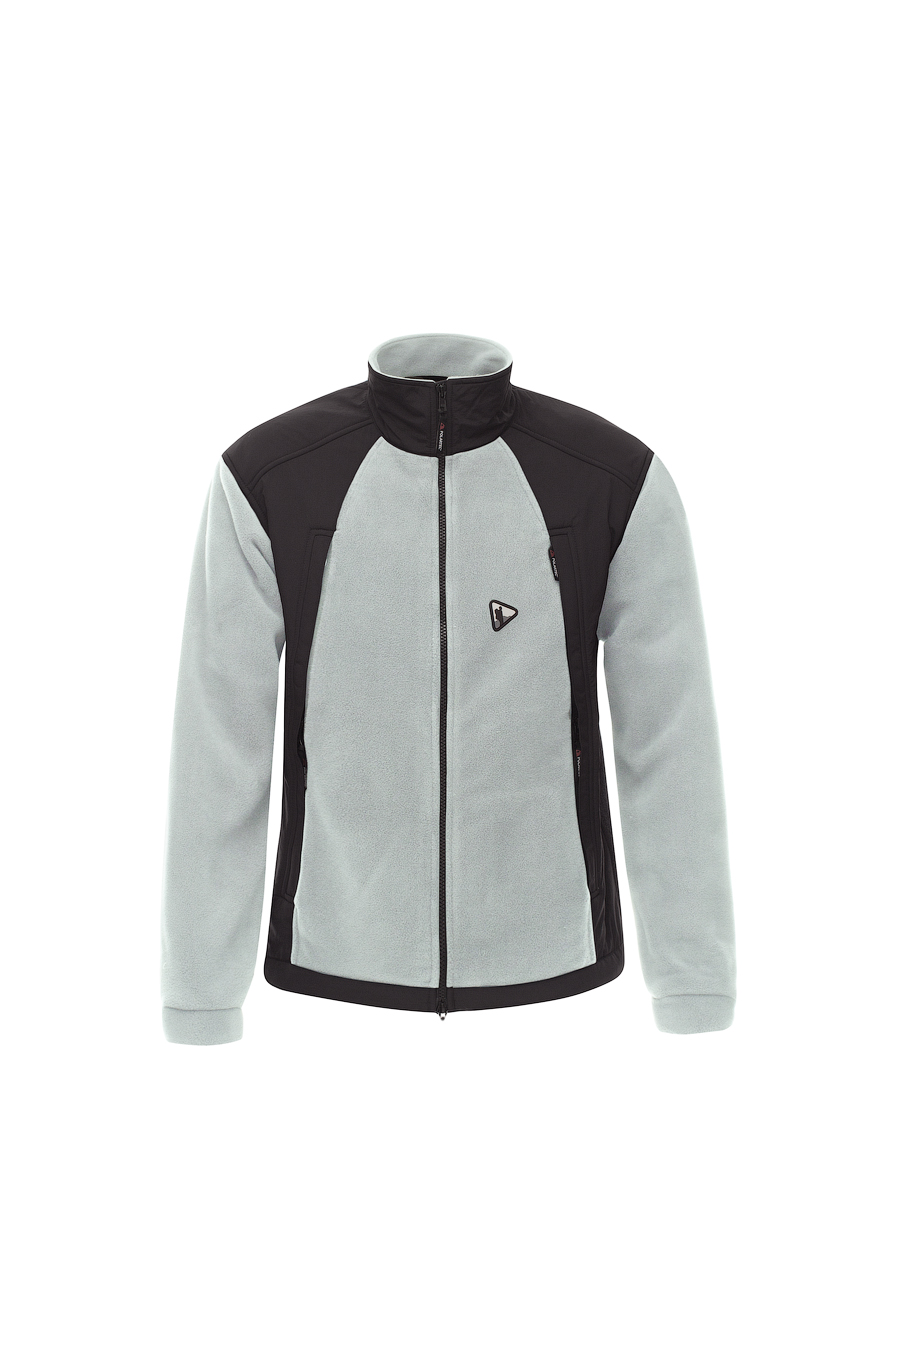 Куртка BASK GULFSTREAM V2 2041bУниверсальная куртка из ткани Polartec® Thermal Pro®. Отлично приспособлена для путешествий, эффектно смотрится в городских условиях.<br><br>Боковые карманы: 2<br>Вес граммы: 743<br>Ветрозащитная планка: Да<br>Внутренние карманы: 1<br>Материал: Polartec® Thermal Pro®<br>Материал усиления: Nylon Tactel ®<br>Пол: Муж.<br>Регулировка вентиляции: Да<br>Регулировка низа: Да<br>Регулируемые вентиляционные отверстия: Да<br>Тип молнии: двухзамковая<br>Усиление контактных зон: Да<br>Размер INT: M<br>Цвет: ЧЕРНЫЙ